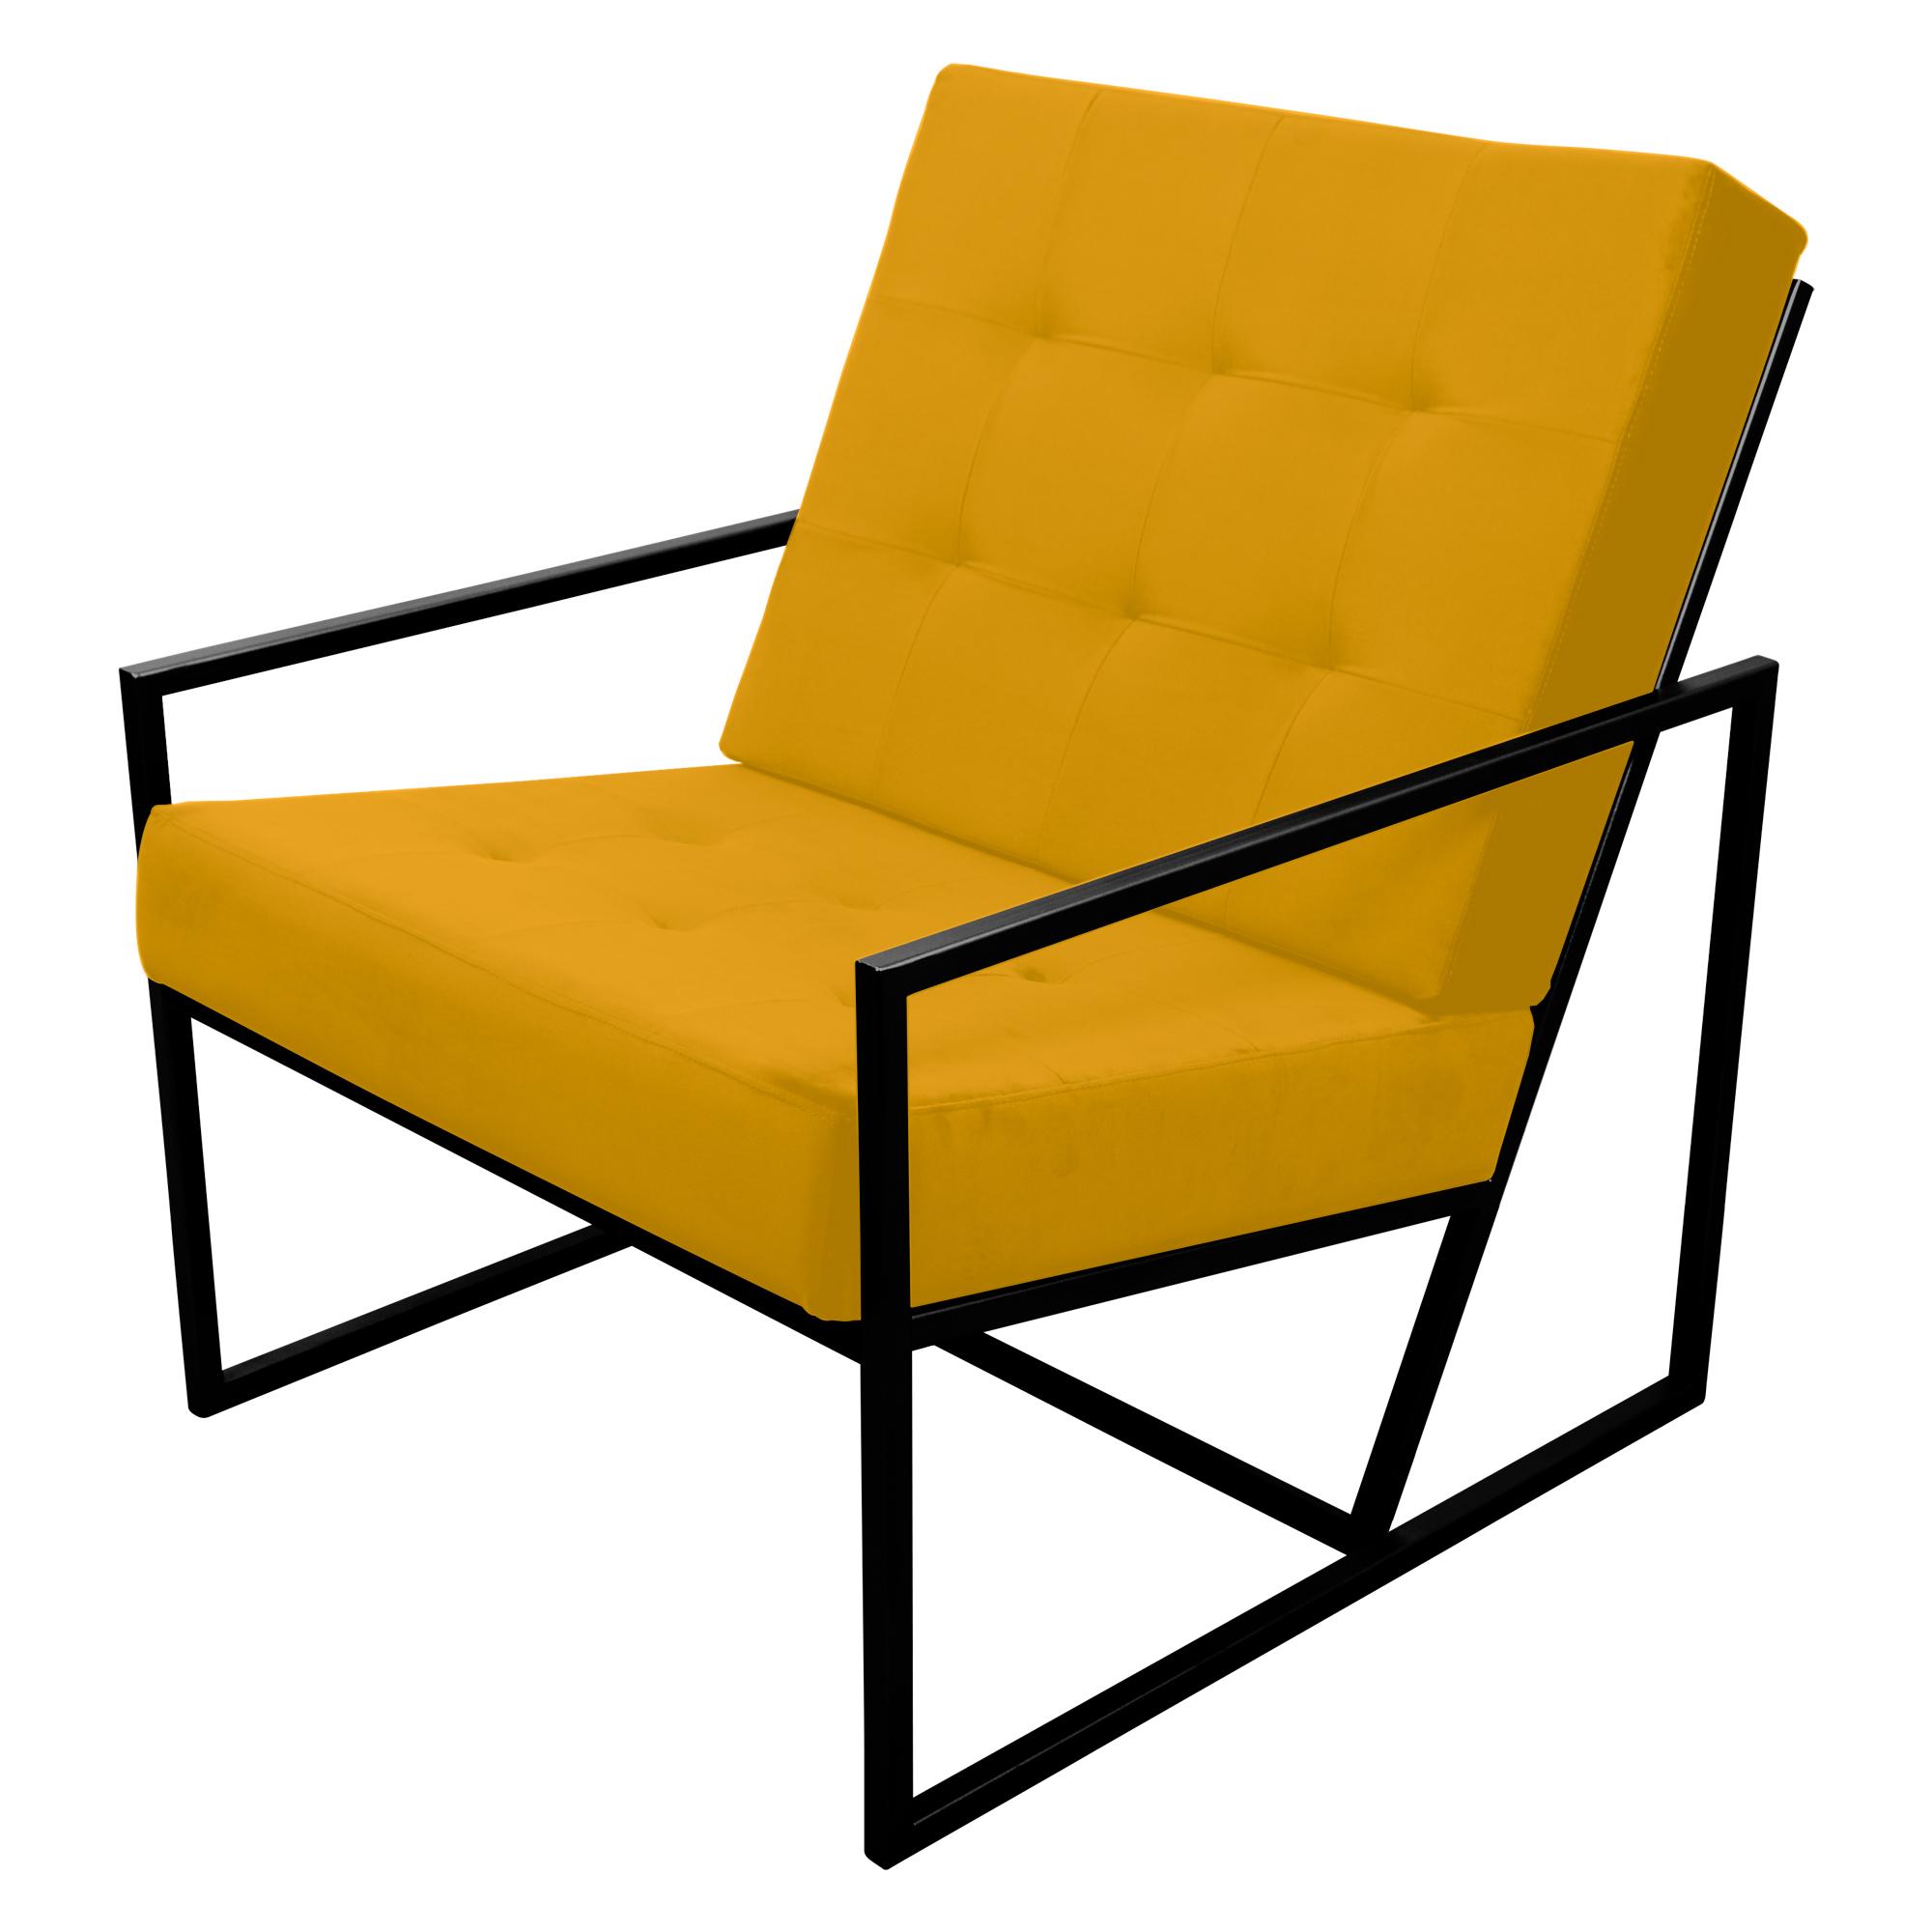 Poltrona de ferro preto com tecido amarelo